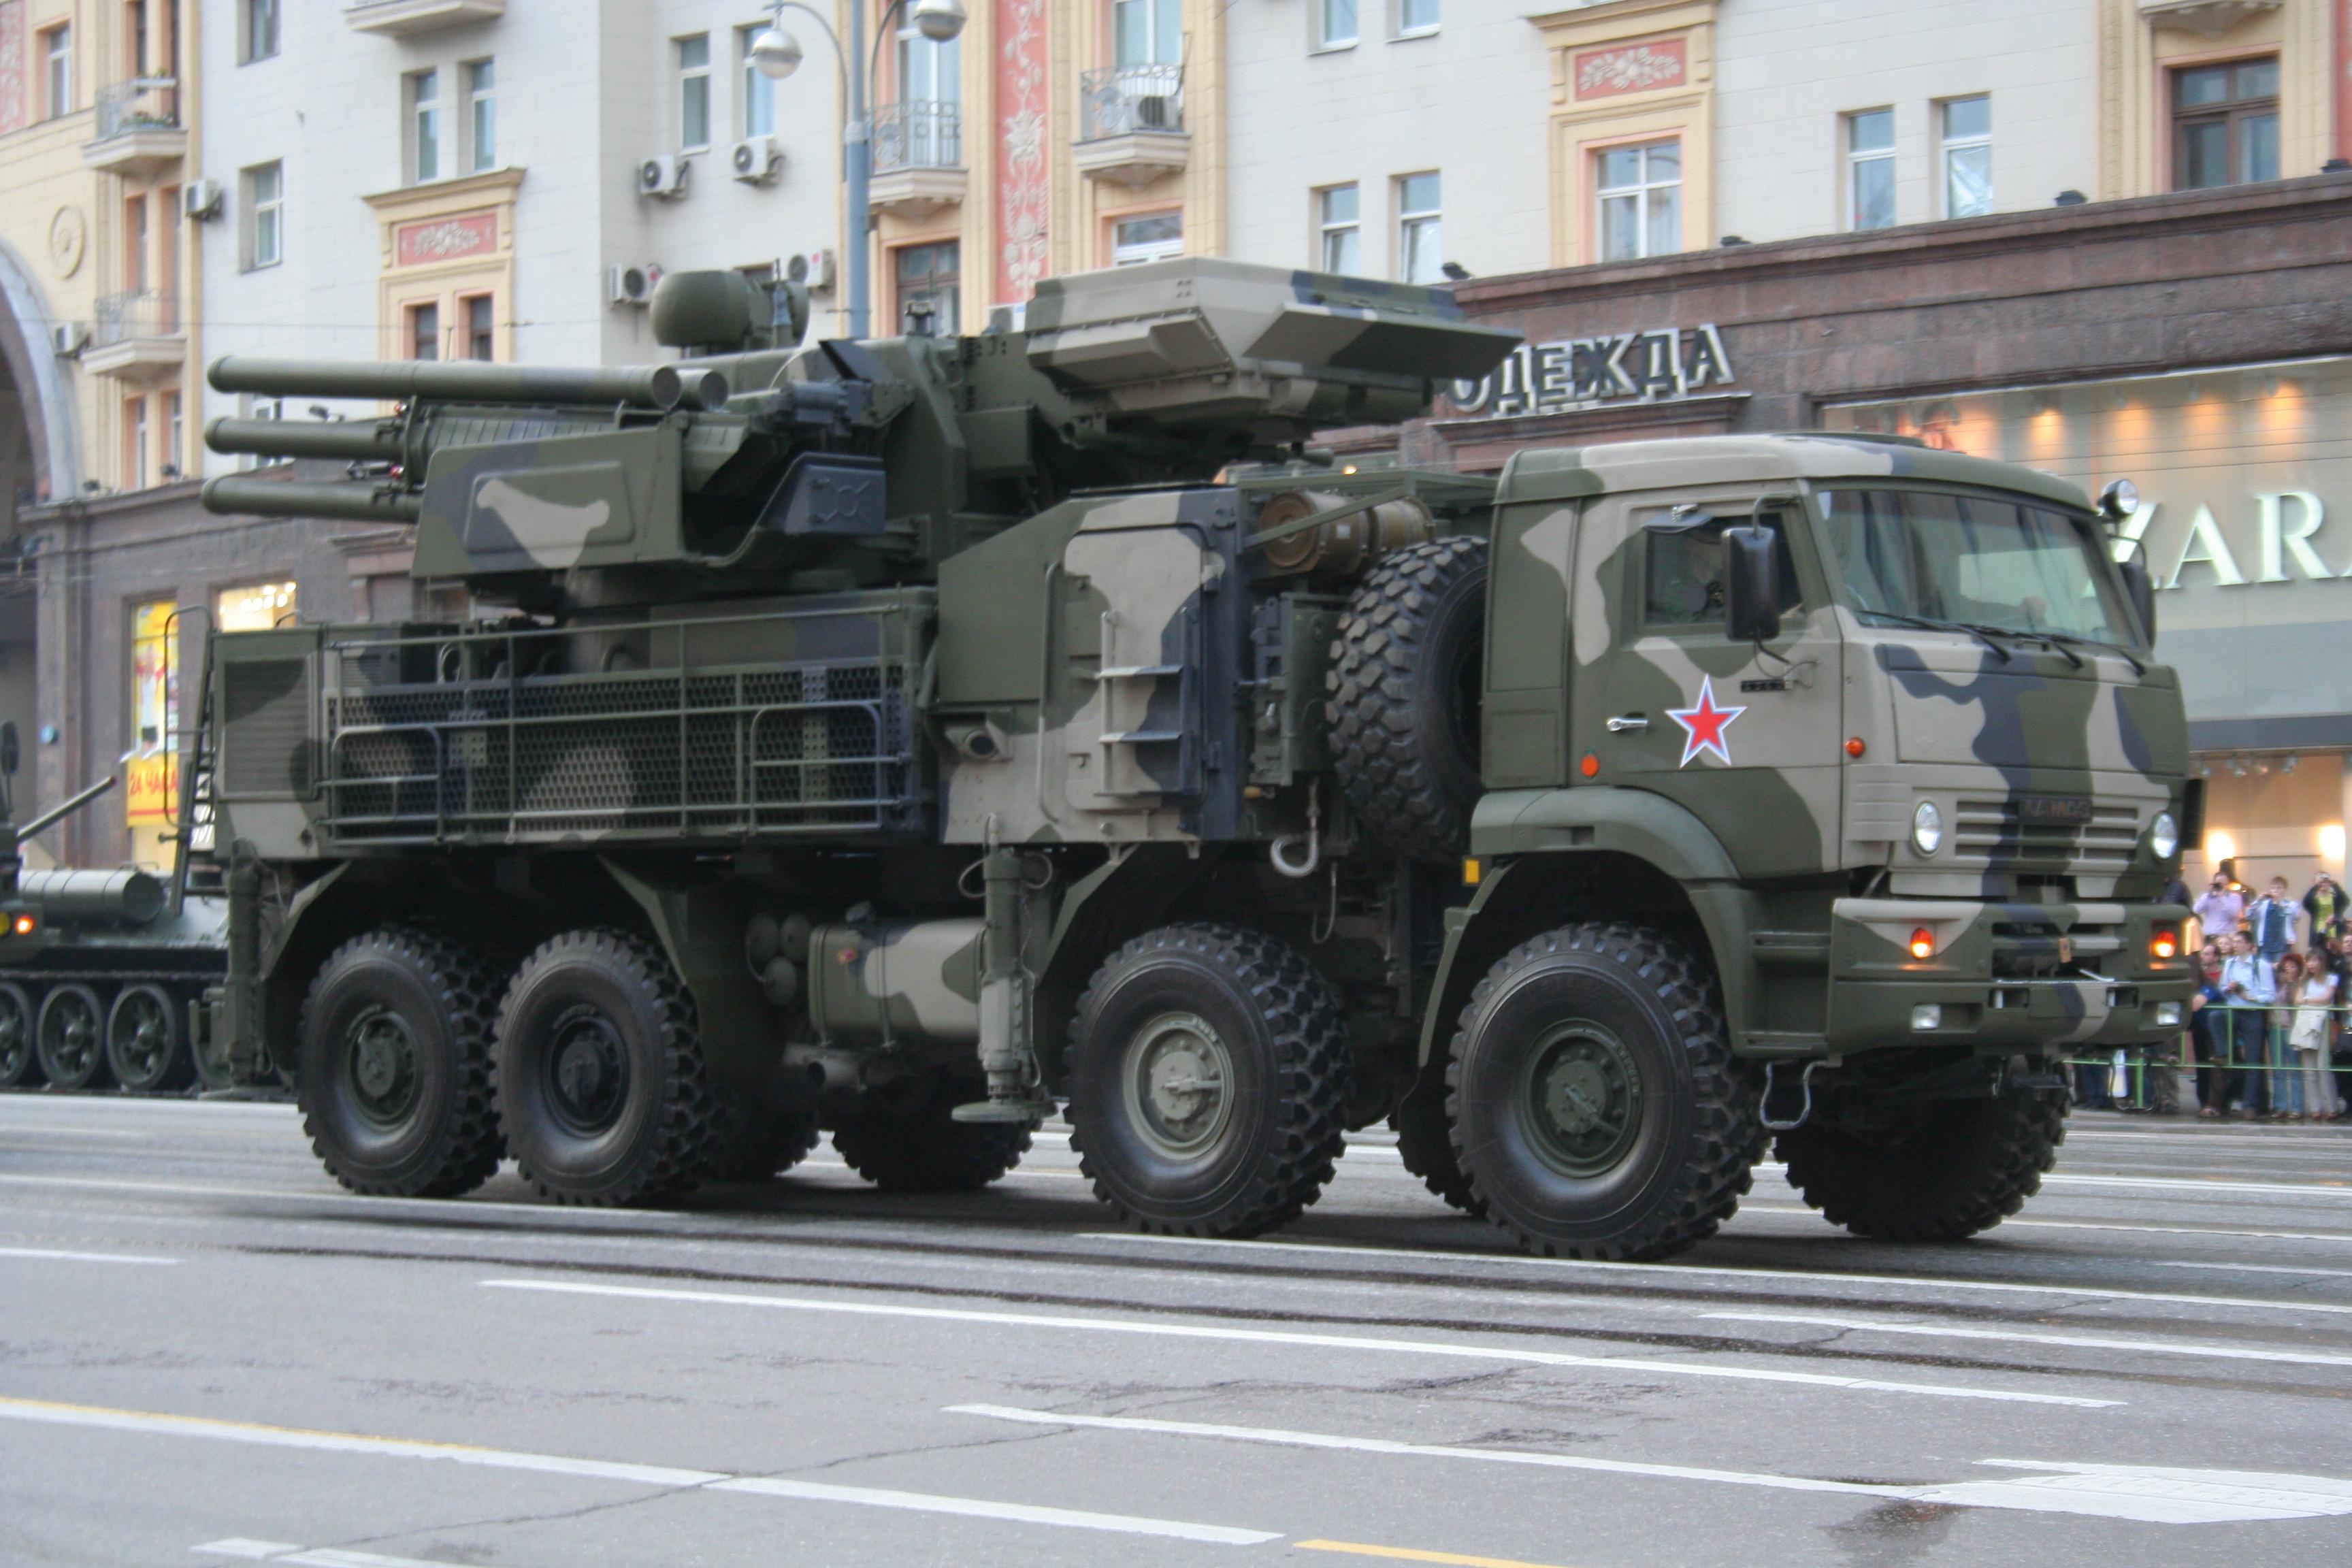 Российский ракетный комплекс отразил атаку дронов в Крыму